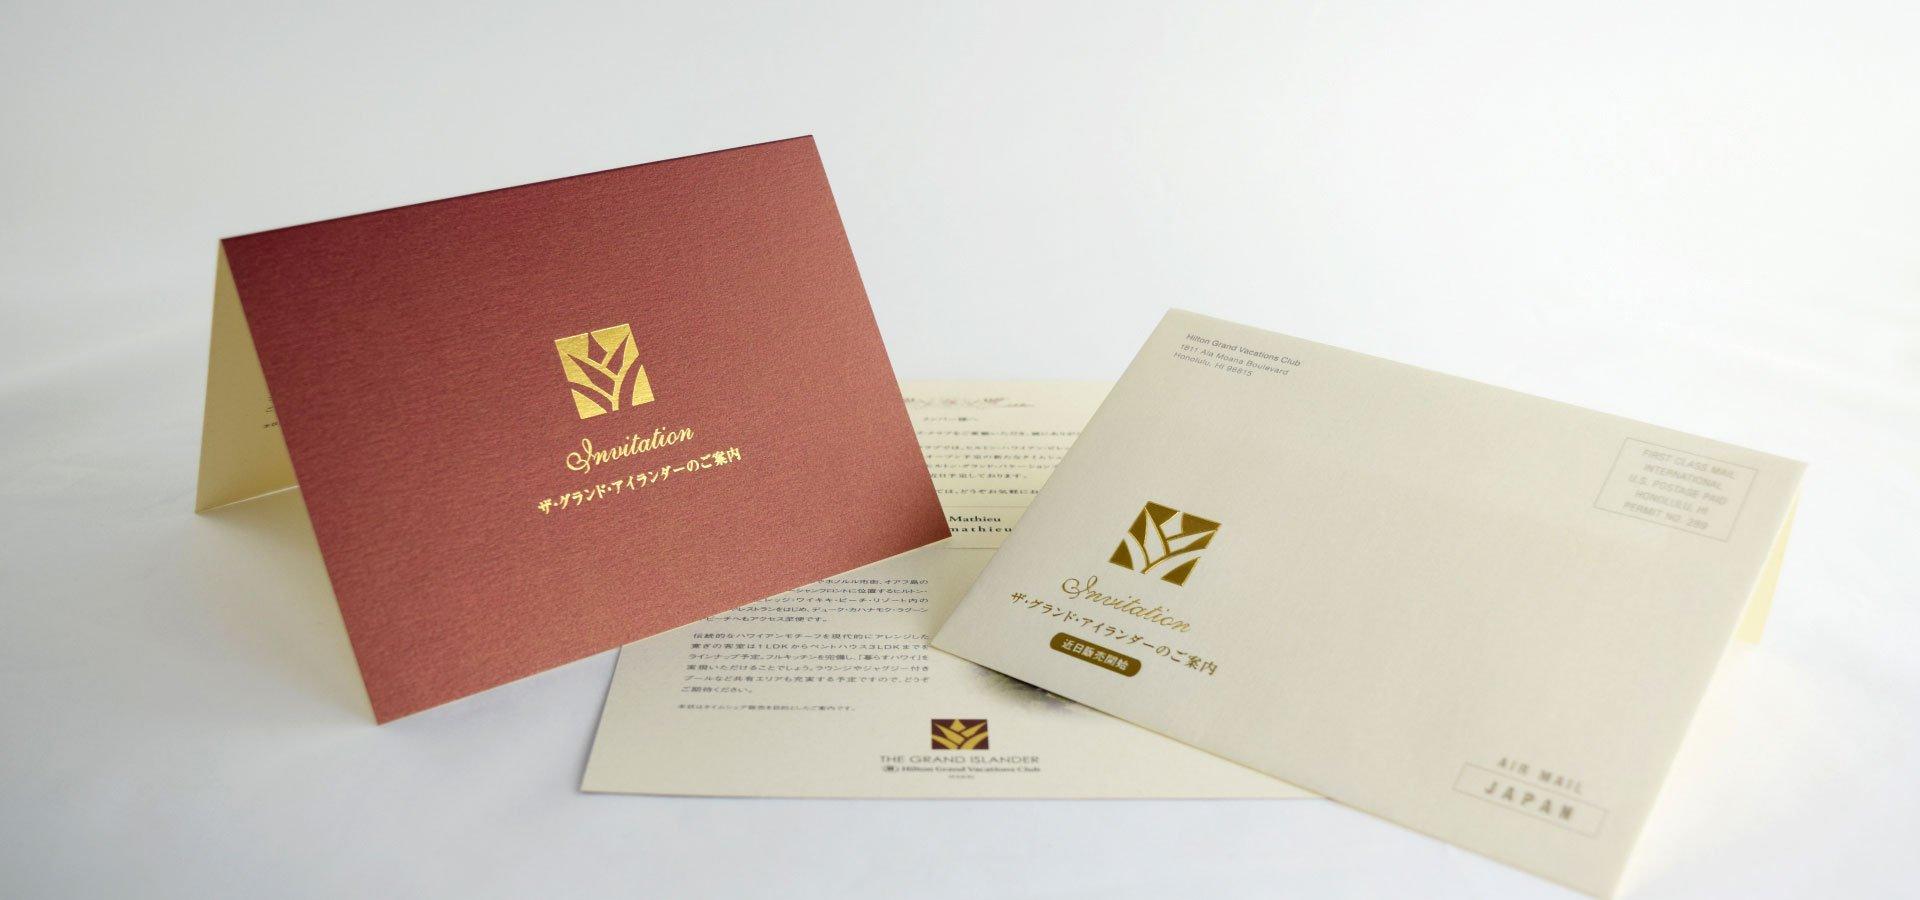 The Grand Islander Print Material